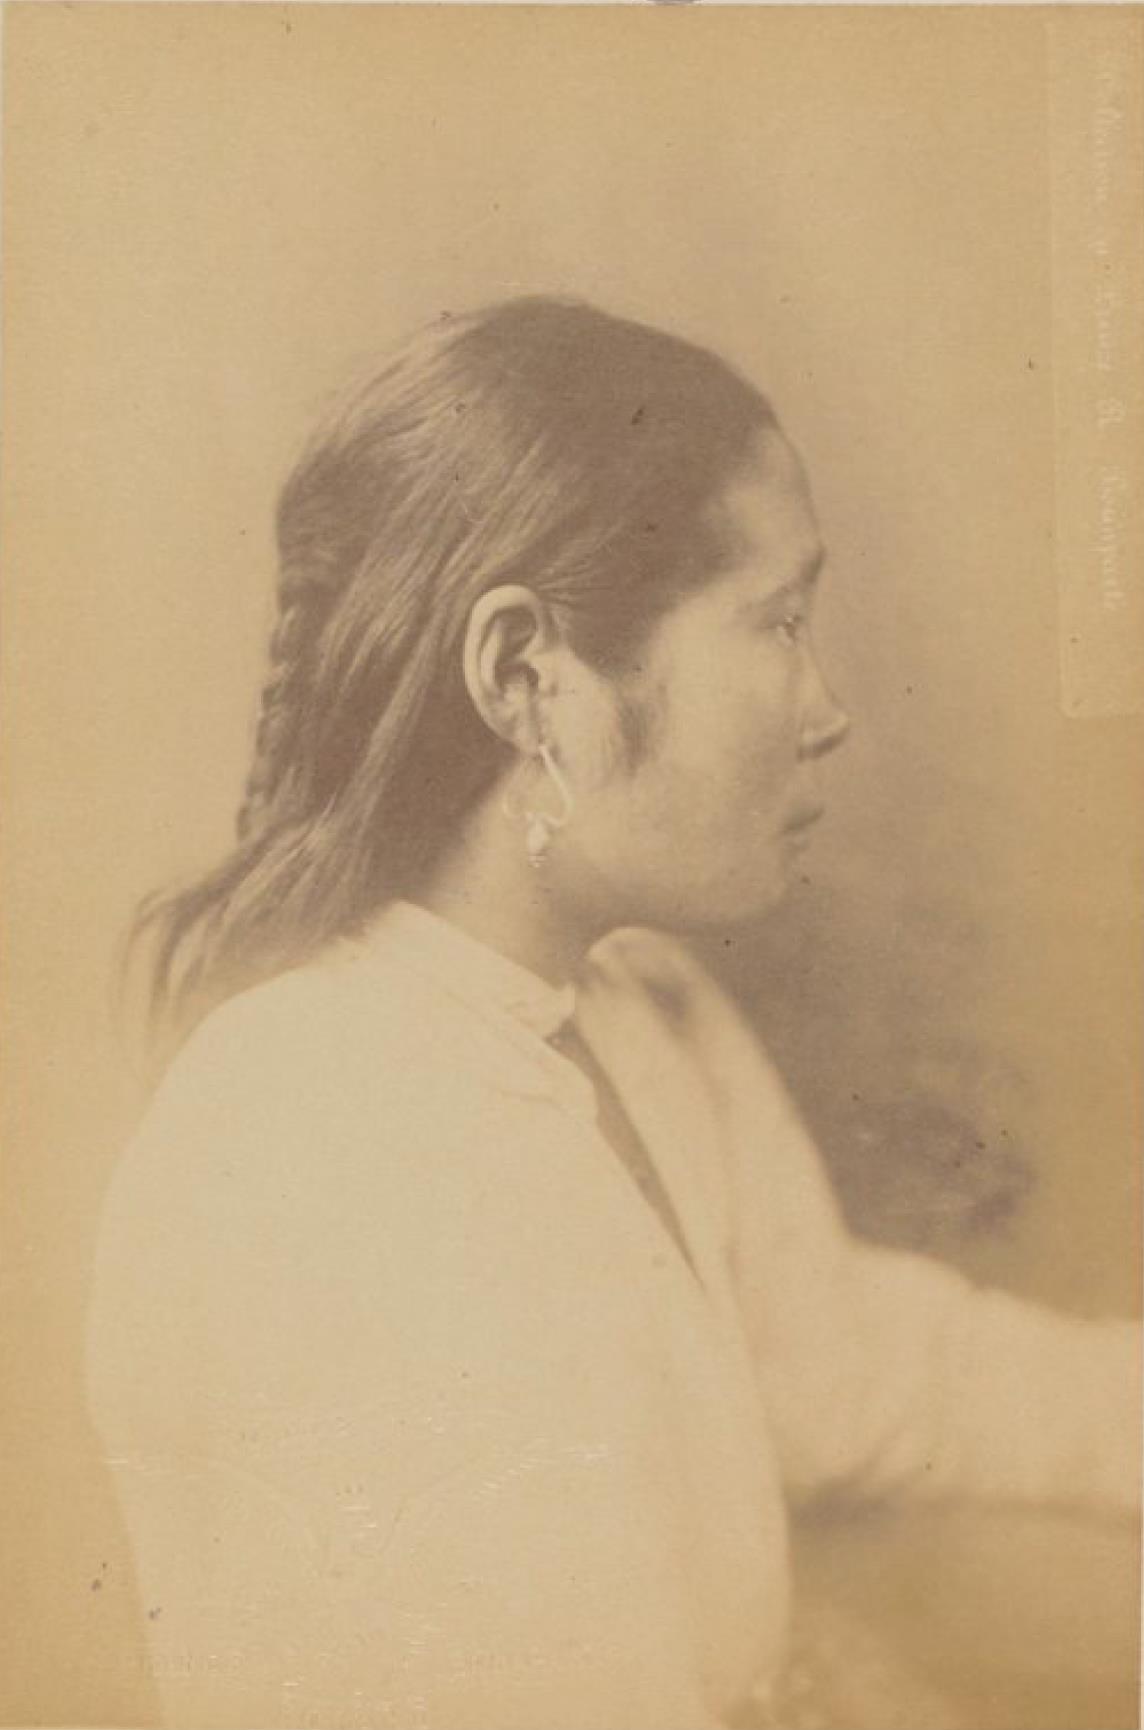 Киски, 15 лет, девушка, чистокровная калмычка (профиль)